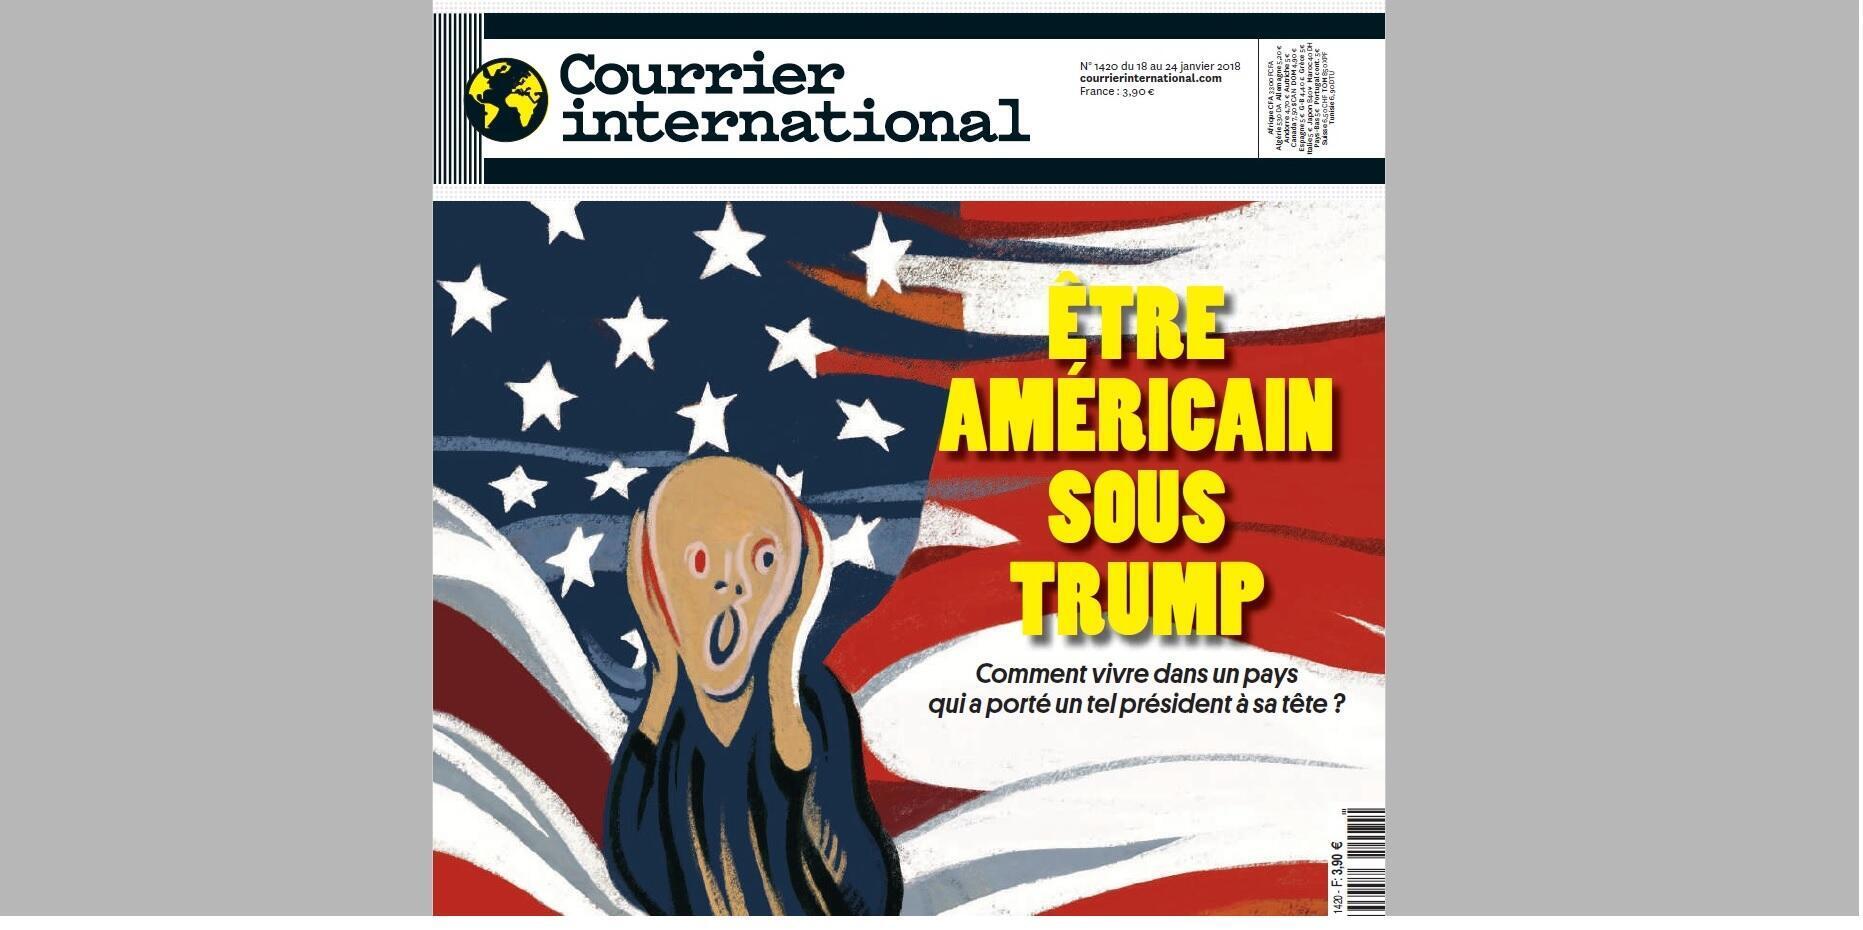 Ảnh chụp màn hình trang bìa Courrier International (18-24/01/2018), thể hiện tác phẩm hội họa Tiếng Hét (Le Cri) của danh họa Na Uy Edvard Munch.